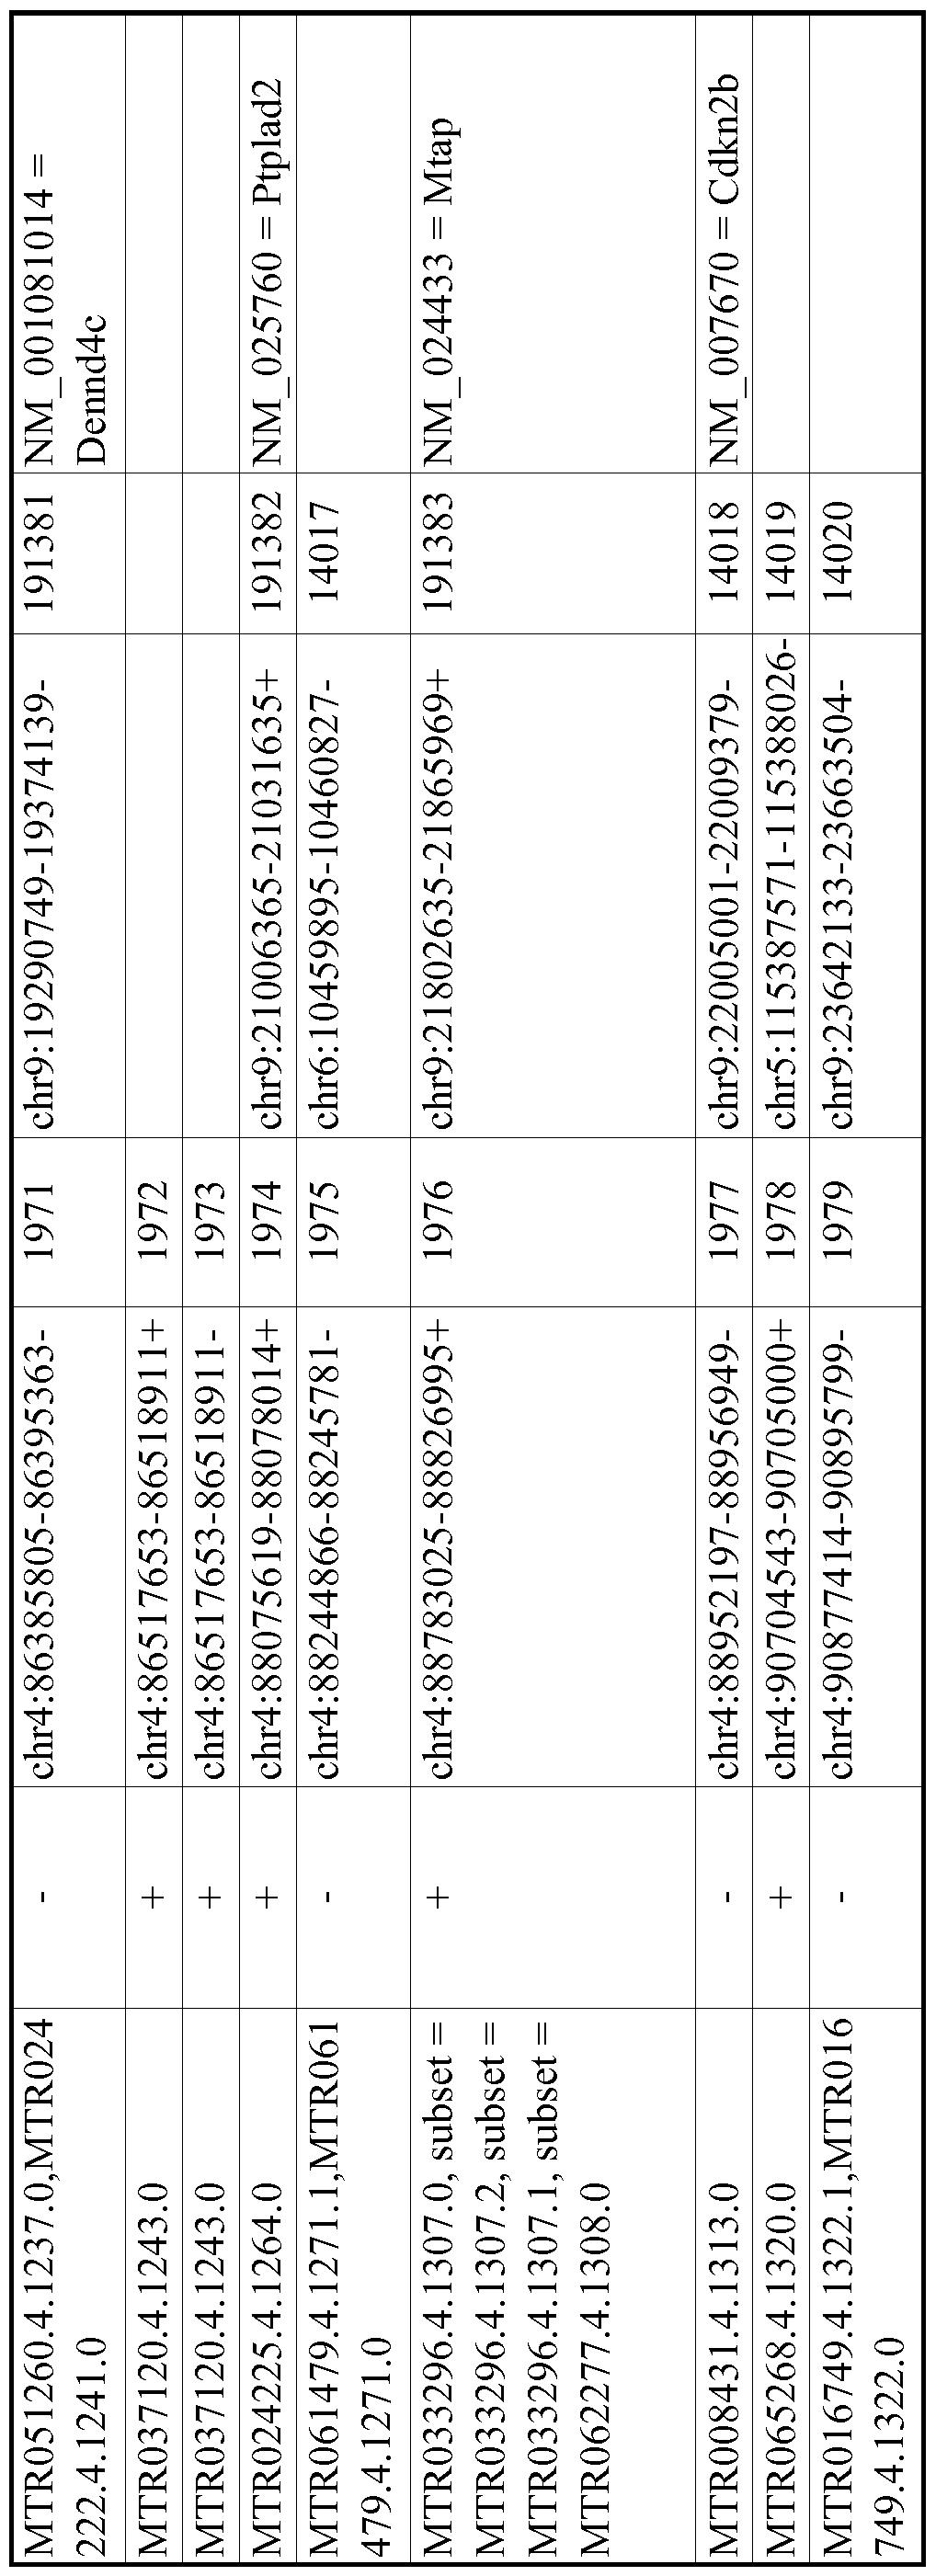 Figure imgf000461_0001